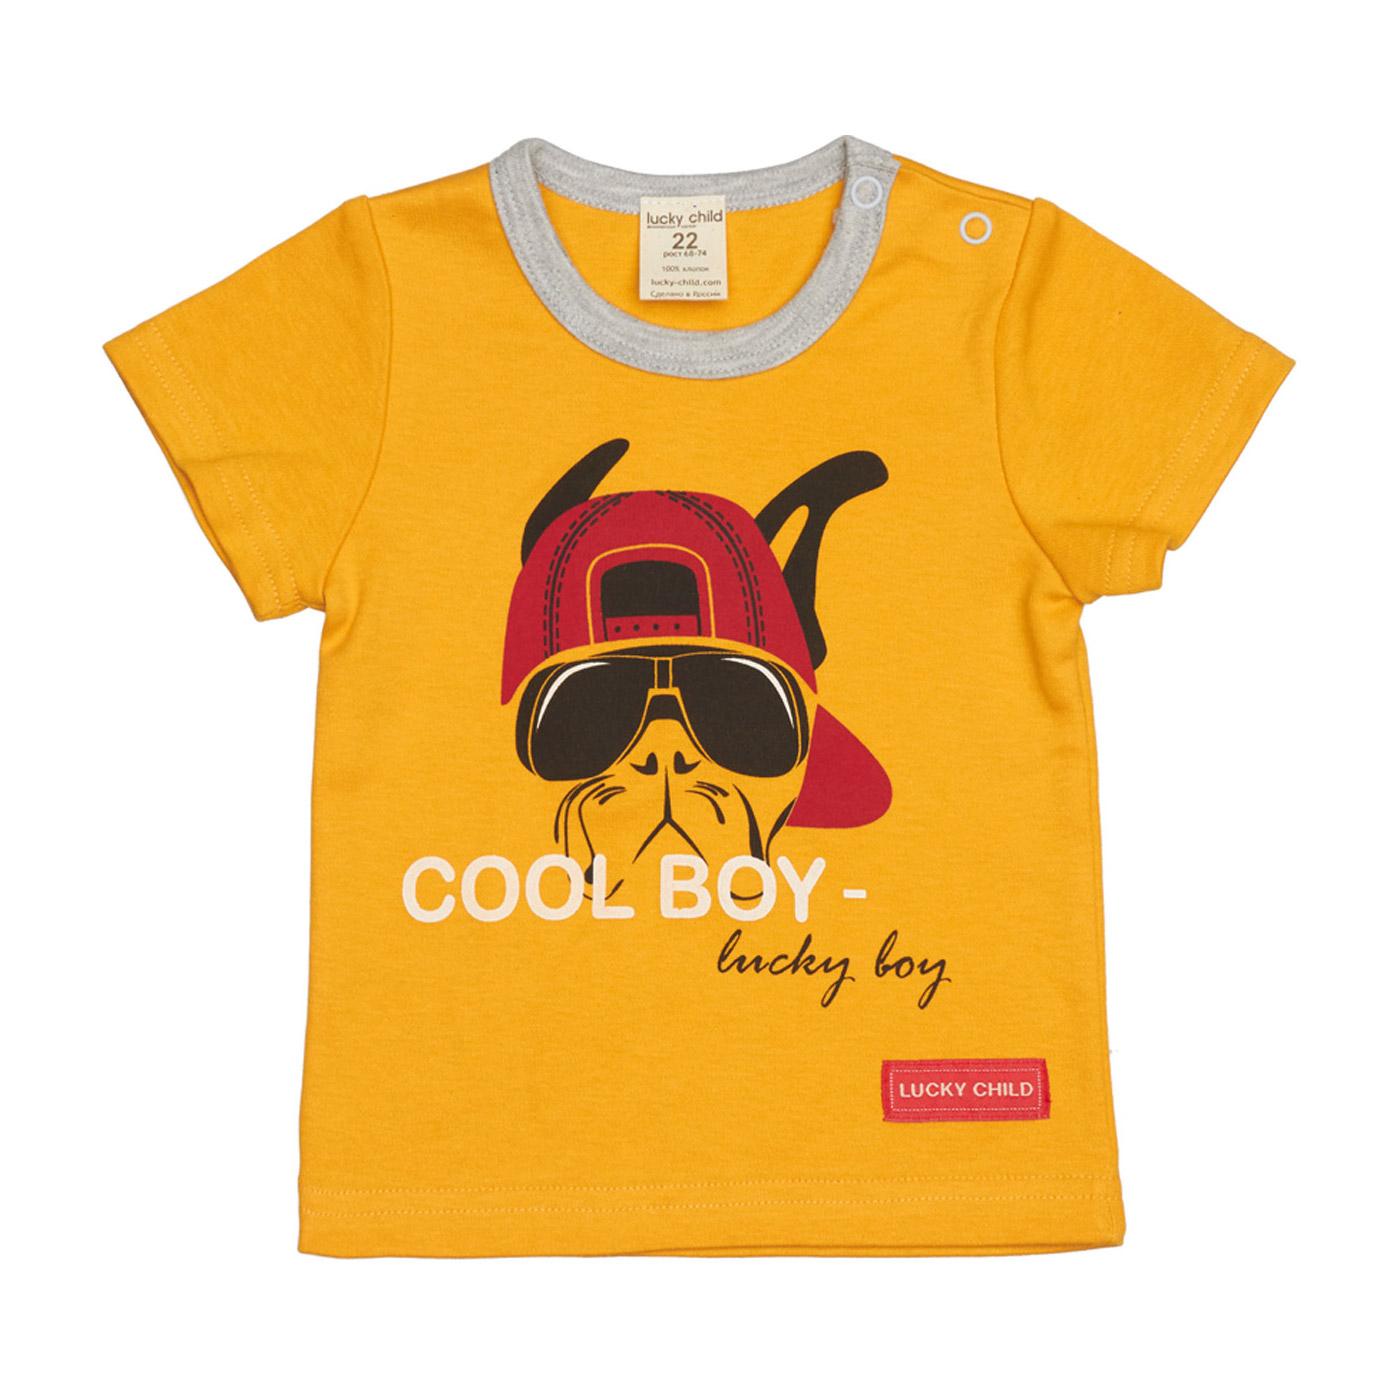 Купить Футболка Крутой парень желтая 128-134, Lucky Child, Желтый, Интерлок, Для мальчиков, Всесезонный,